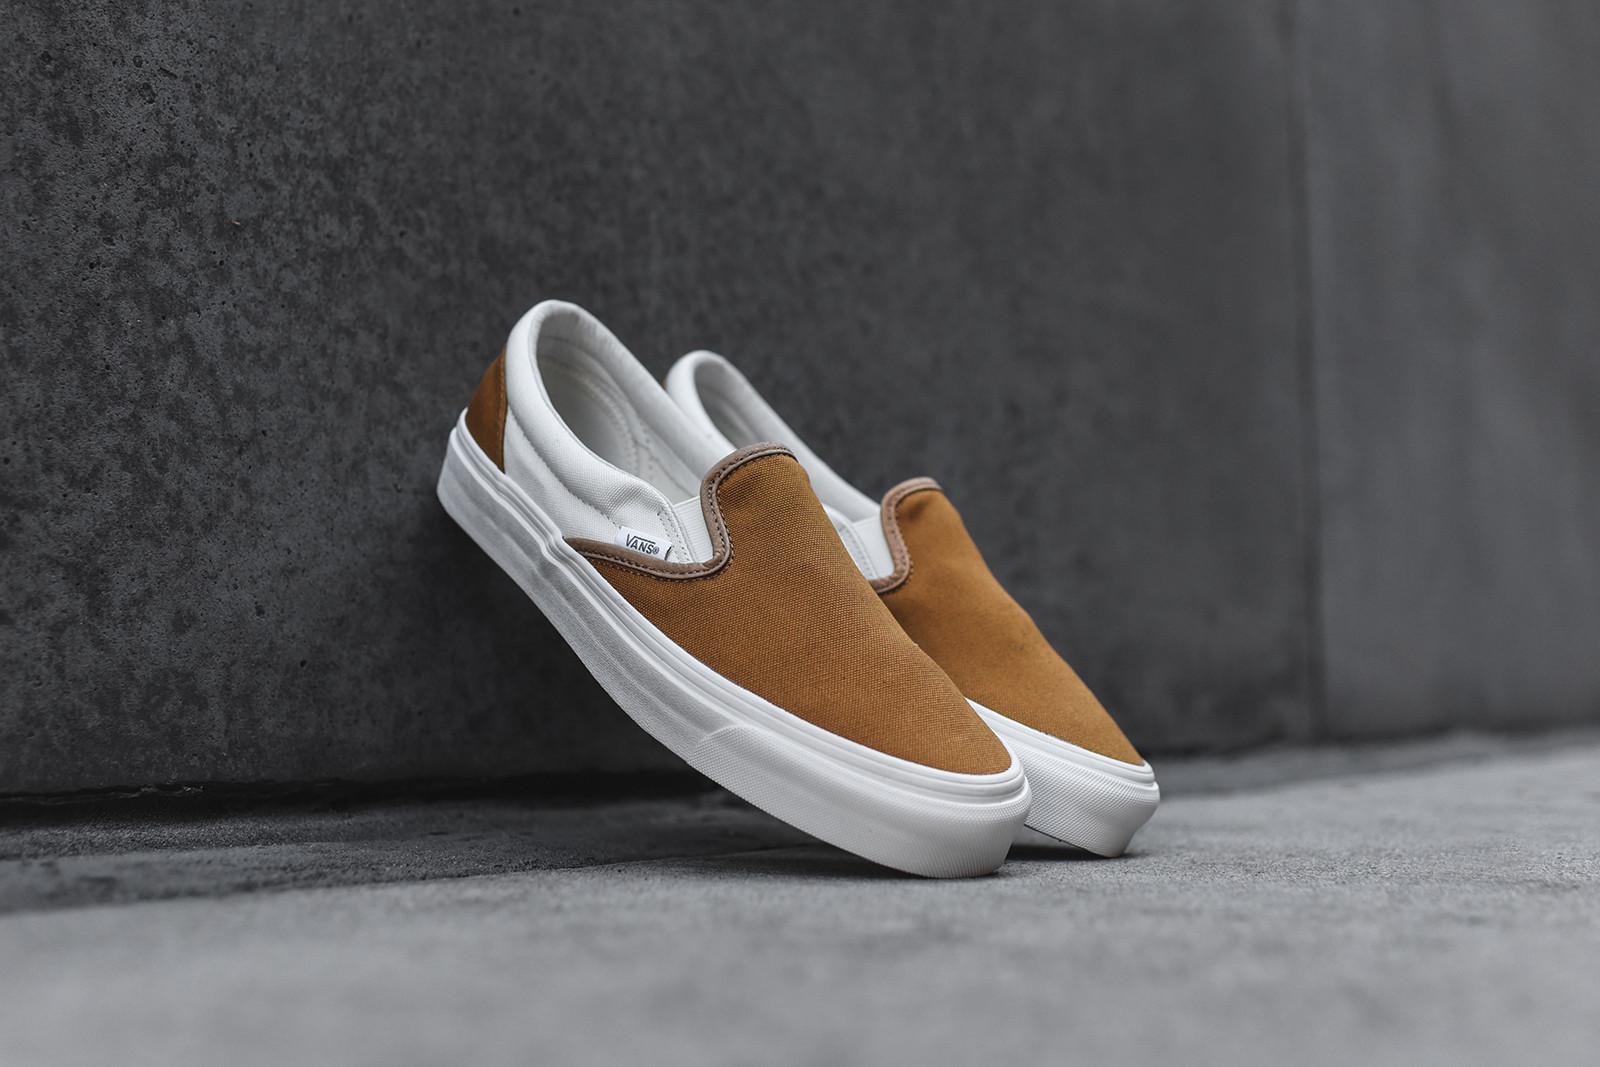 Vans Slip On Lx Golden Brown Sneakers Addict